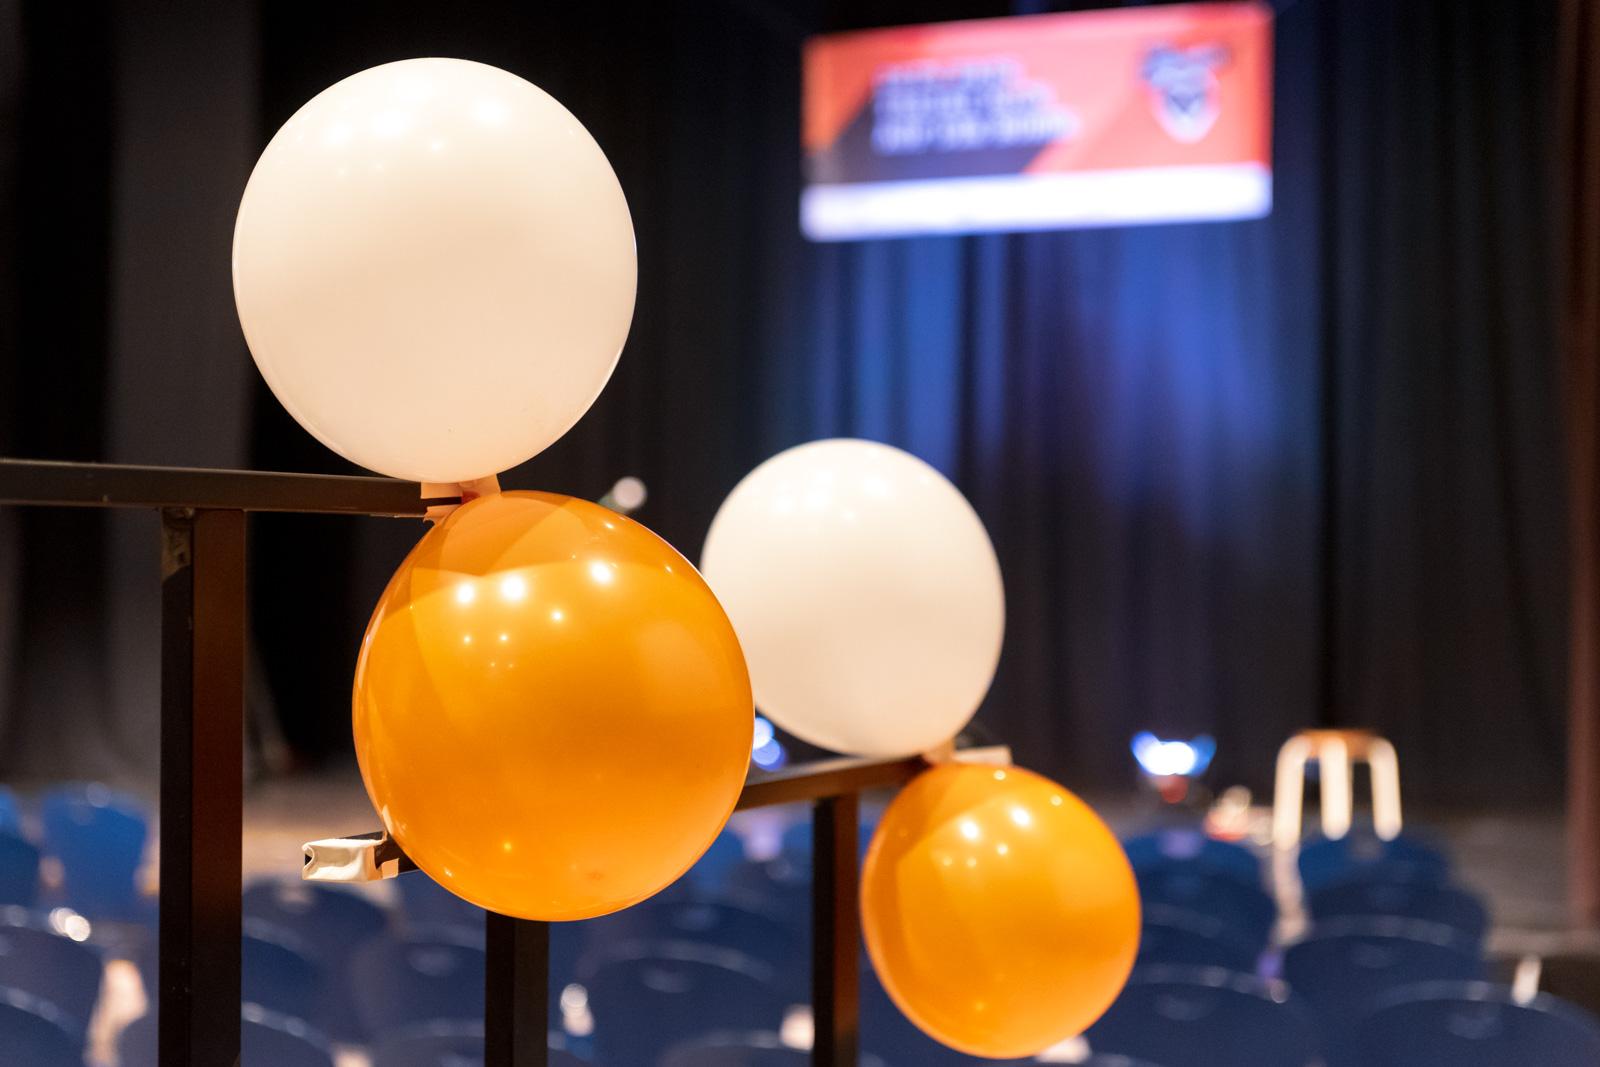 In einer großen Aula ist vorne eine Bühne und davor wurden Stühle aufgebaut. Im Fokus sind vier Luftballons zu sehen. Jeweils zwei der Ballons, ein weißer und ein orangener hängen zusammen an einem Geländer.